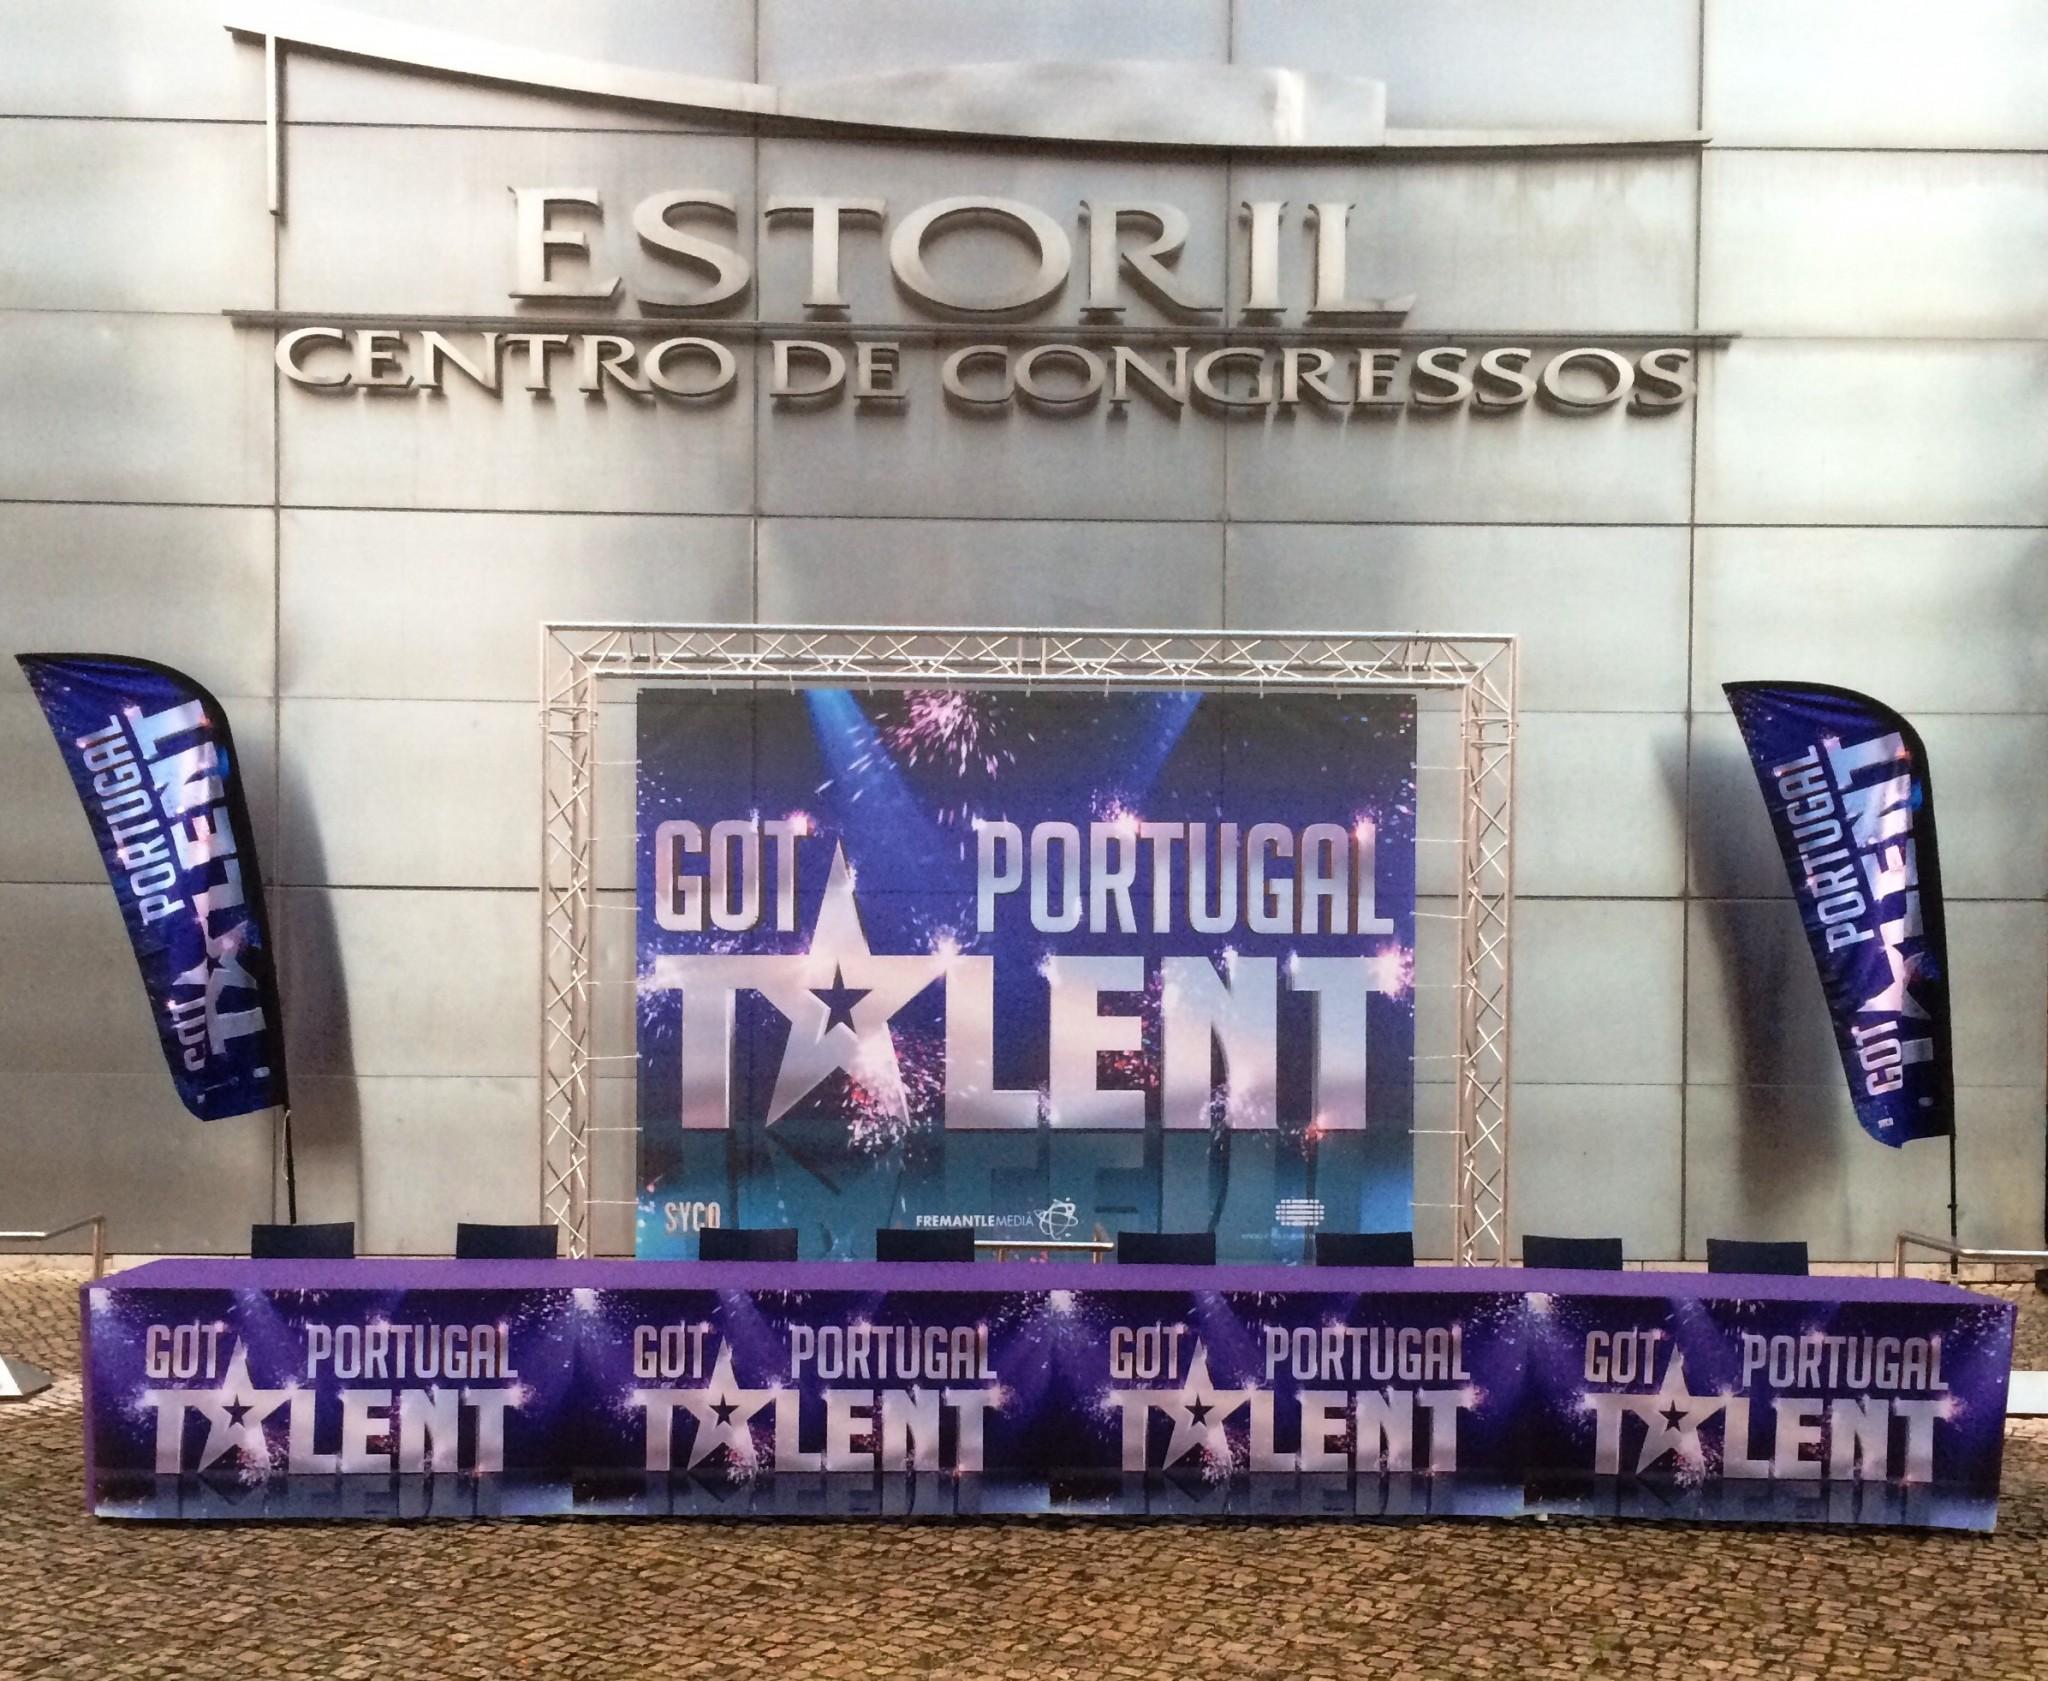 Got Talent Portugal 02 Estoril 011 Nova Edição De «Got Talent Portugal» Recebe Milhares De Candidaturas